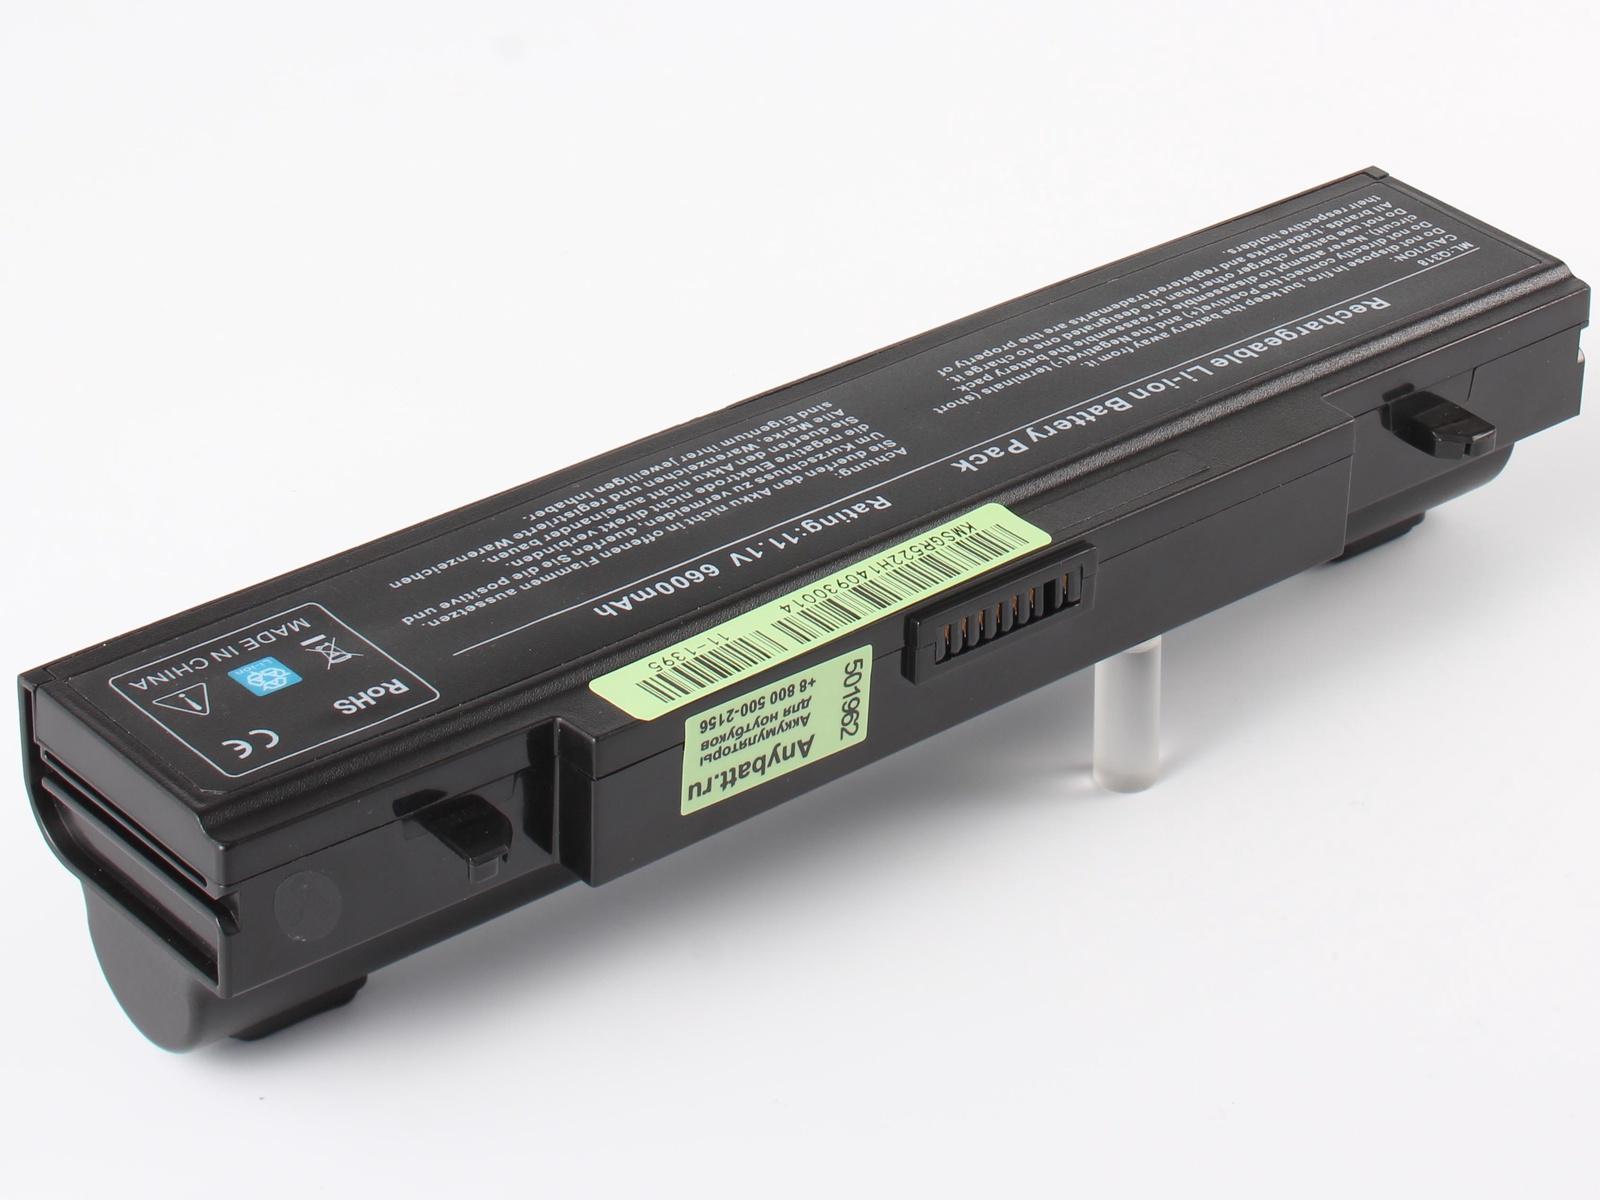 Аккумулятор для ноутбука AnyBatt для Samsung RC520, RC710, NP305E7A, RF510, RF710, NP300E5E, NP550P7C, RF712, RV415, NP300E5V, P460, RV711, R728, NP355V5C-A01RU, RV518, RV720, NP-R440L, R423, 200A5B, 200A4B, RC530-S04, NP-R460 аккумулятор для ноутбука ibatt для samsung 355e5x rv518 rv720 350e7c 355e5c 305e7a np r590 350v5x ativ book 2 np r440l np r522 np r469 q530 q430 r423 200a5b 305v5a s0k 355v5x 355e5x a01 300e7z s02 200a4b